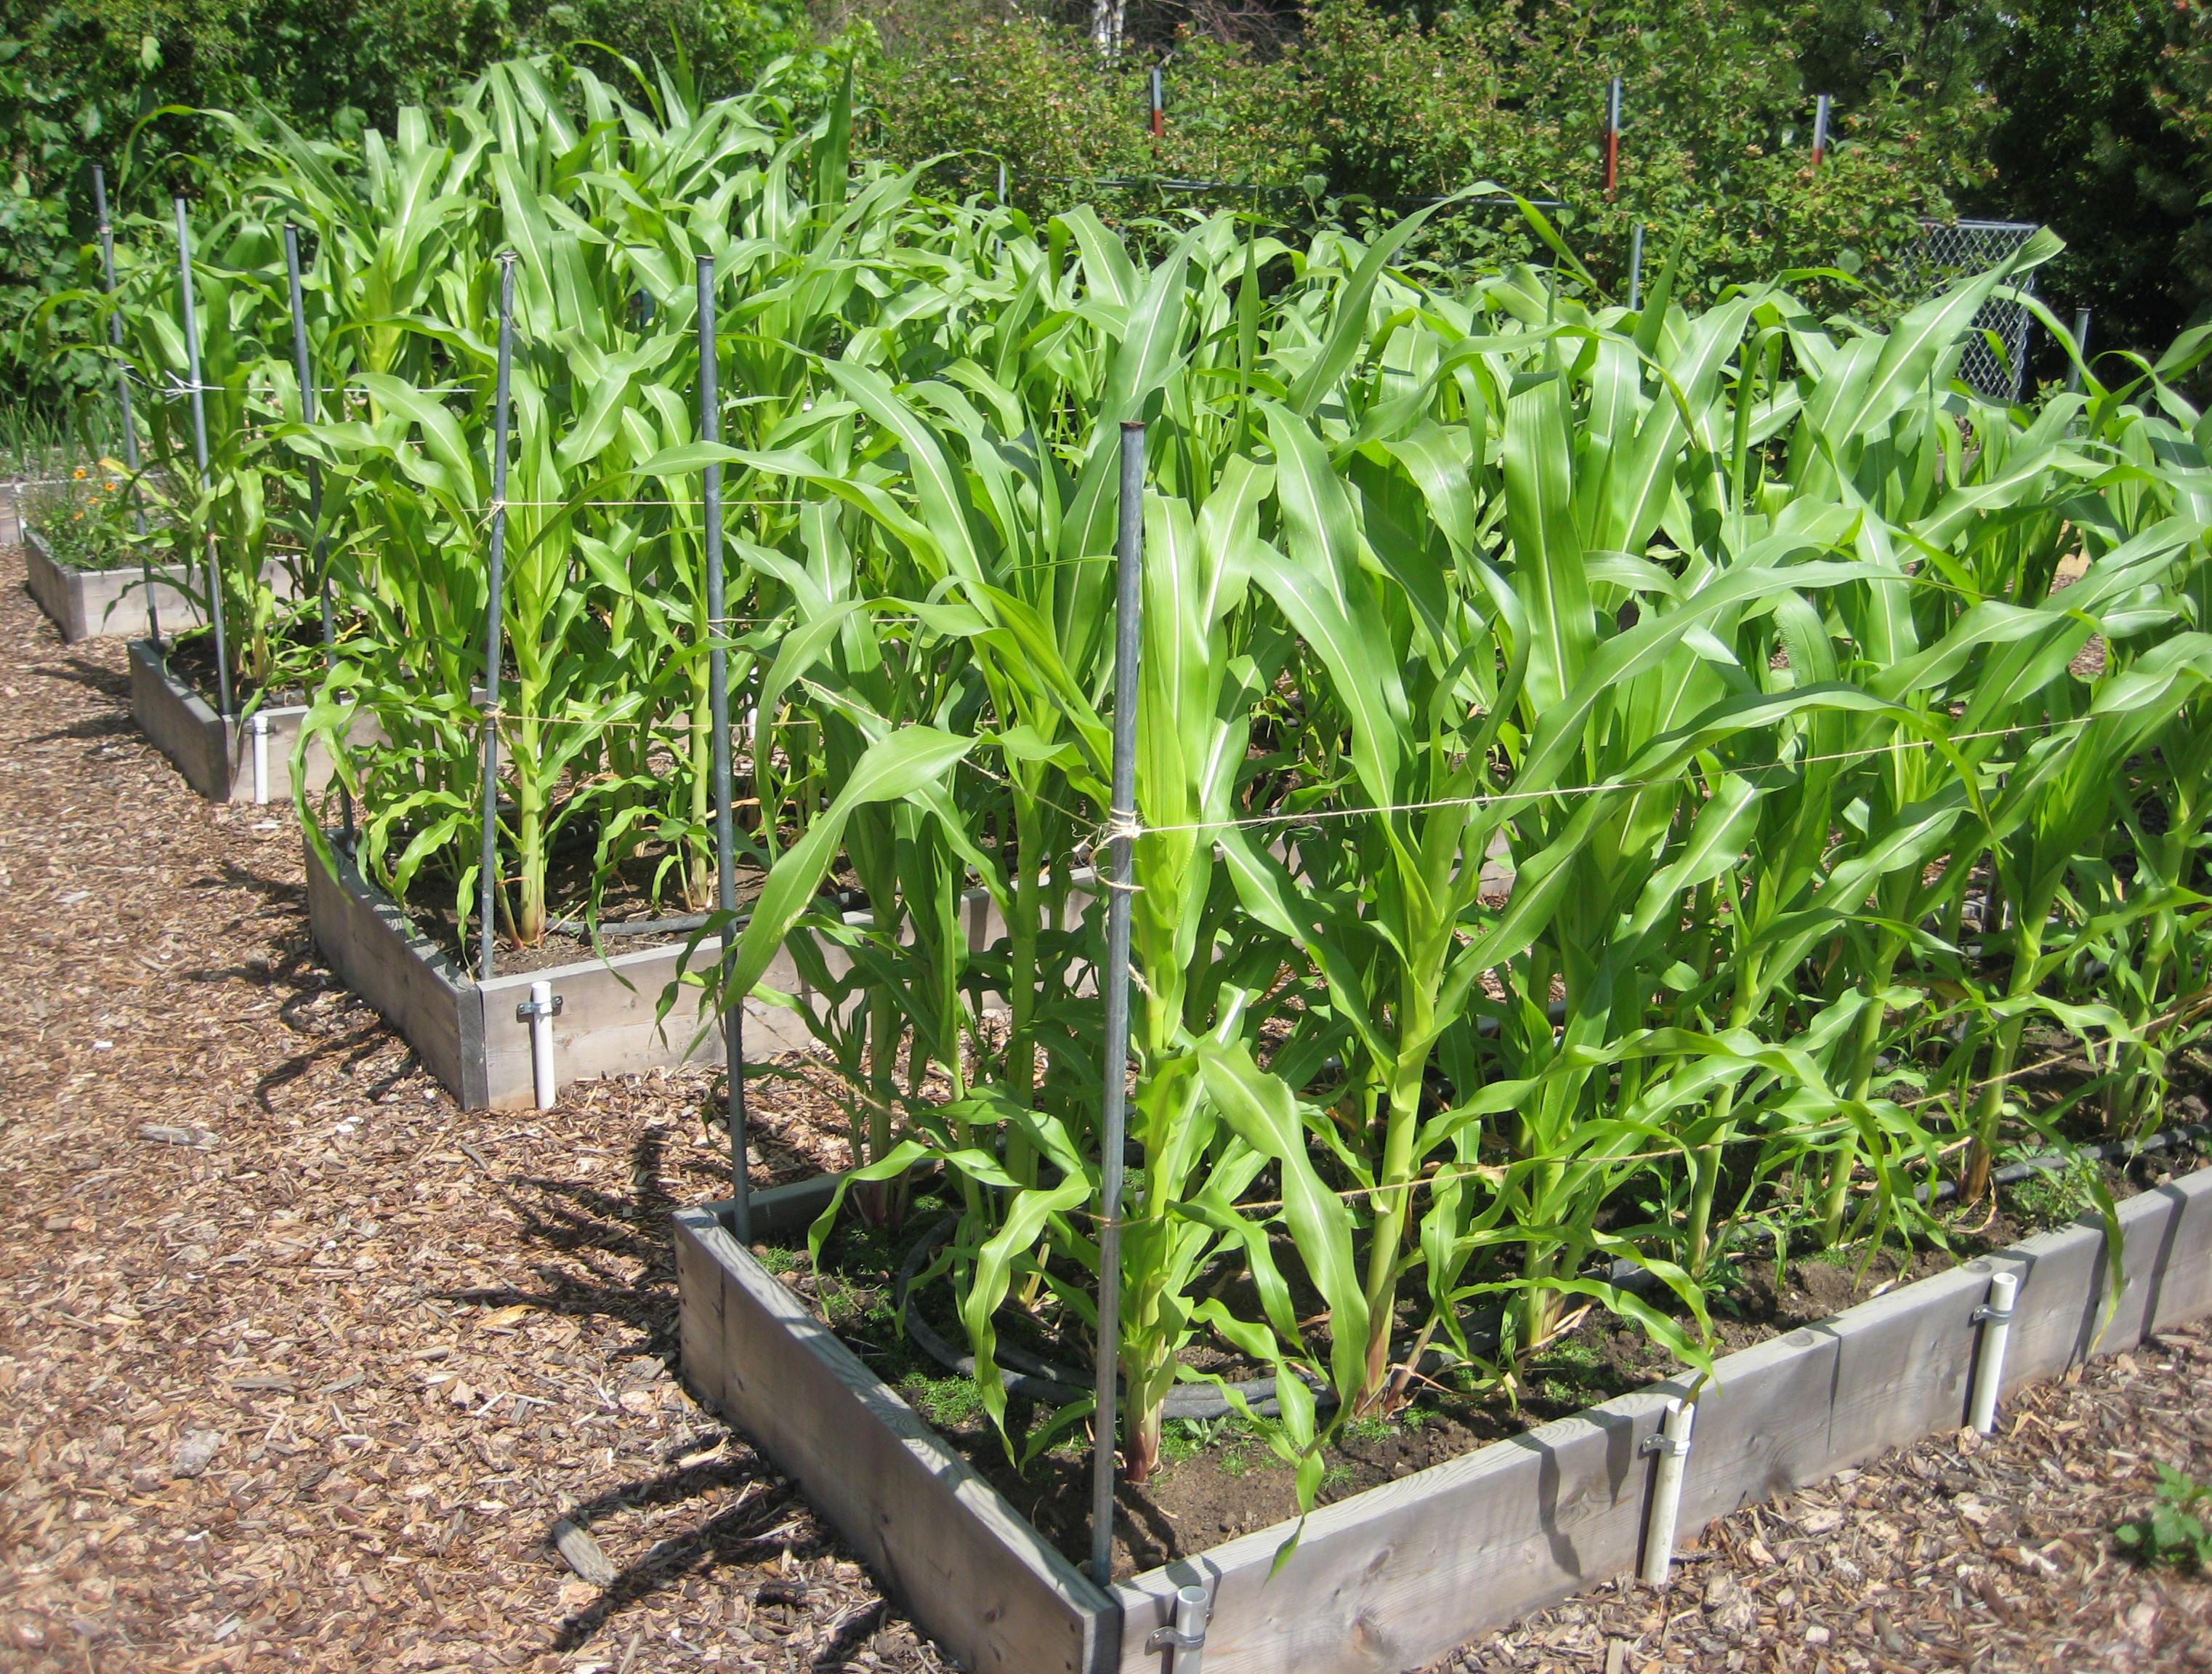 beans, corn: warm-season crops kick off | the spokesman-review